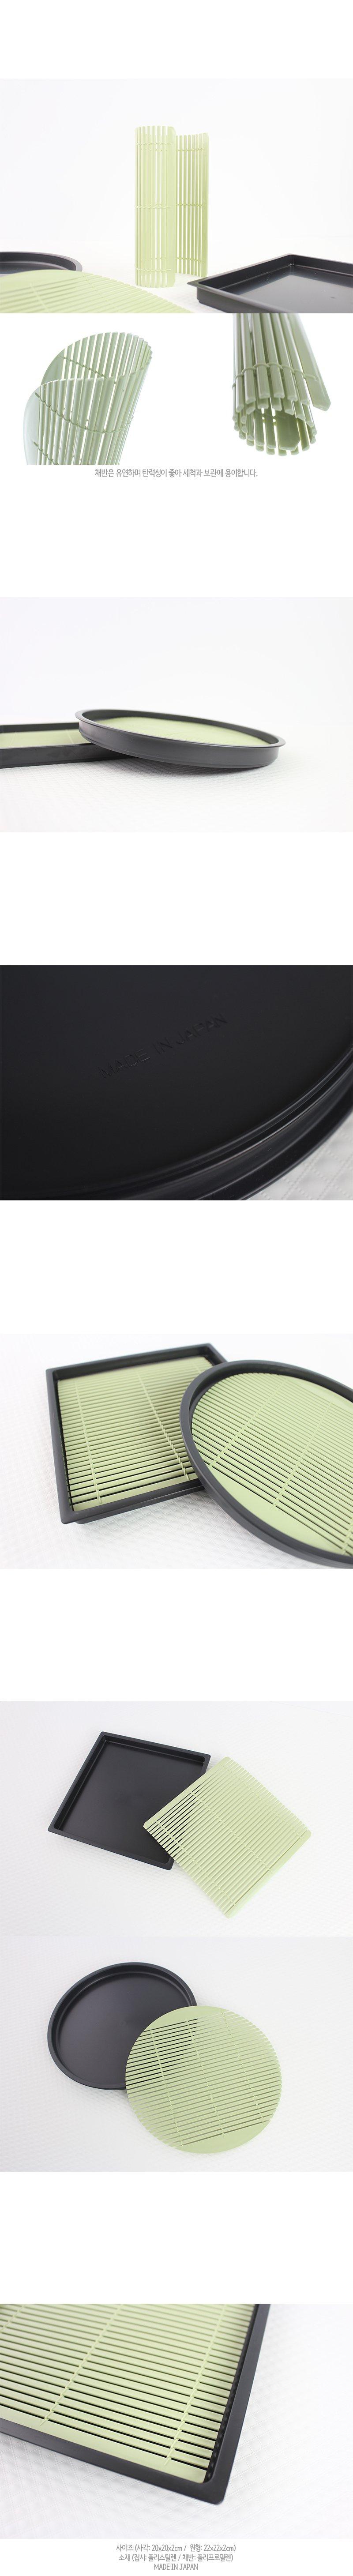 채반형 소바접시 - 실즈, 3,690원, 파스타/면기/스프, 면기